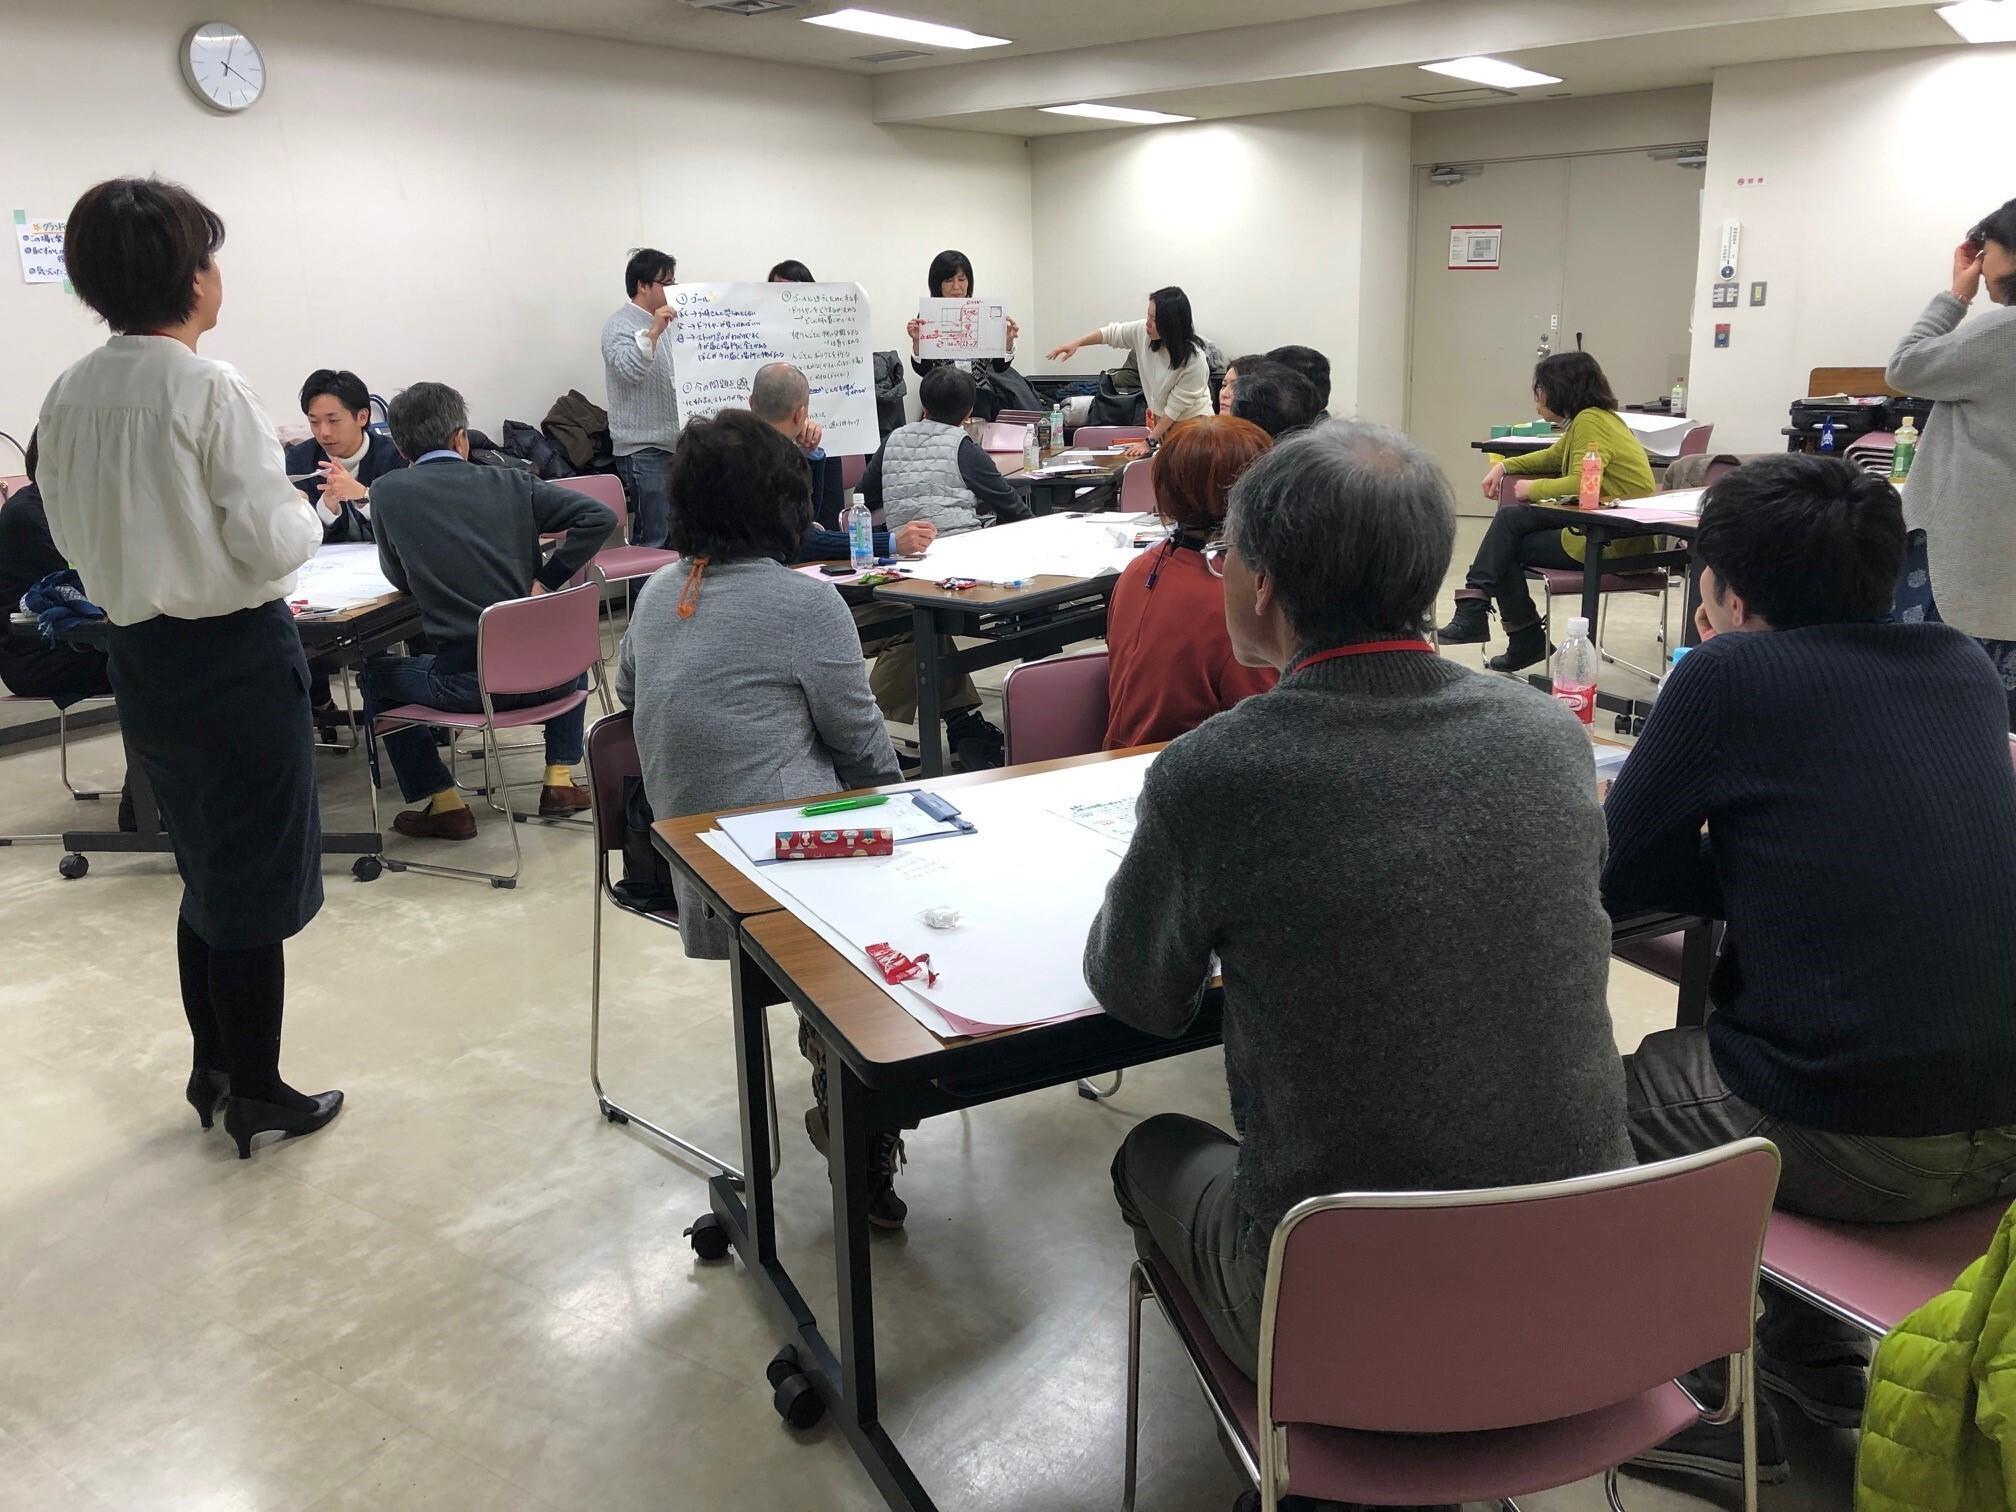 2020年2月15日(土)公開セミナー「ファシリテーション基礎講座」仙台開催